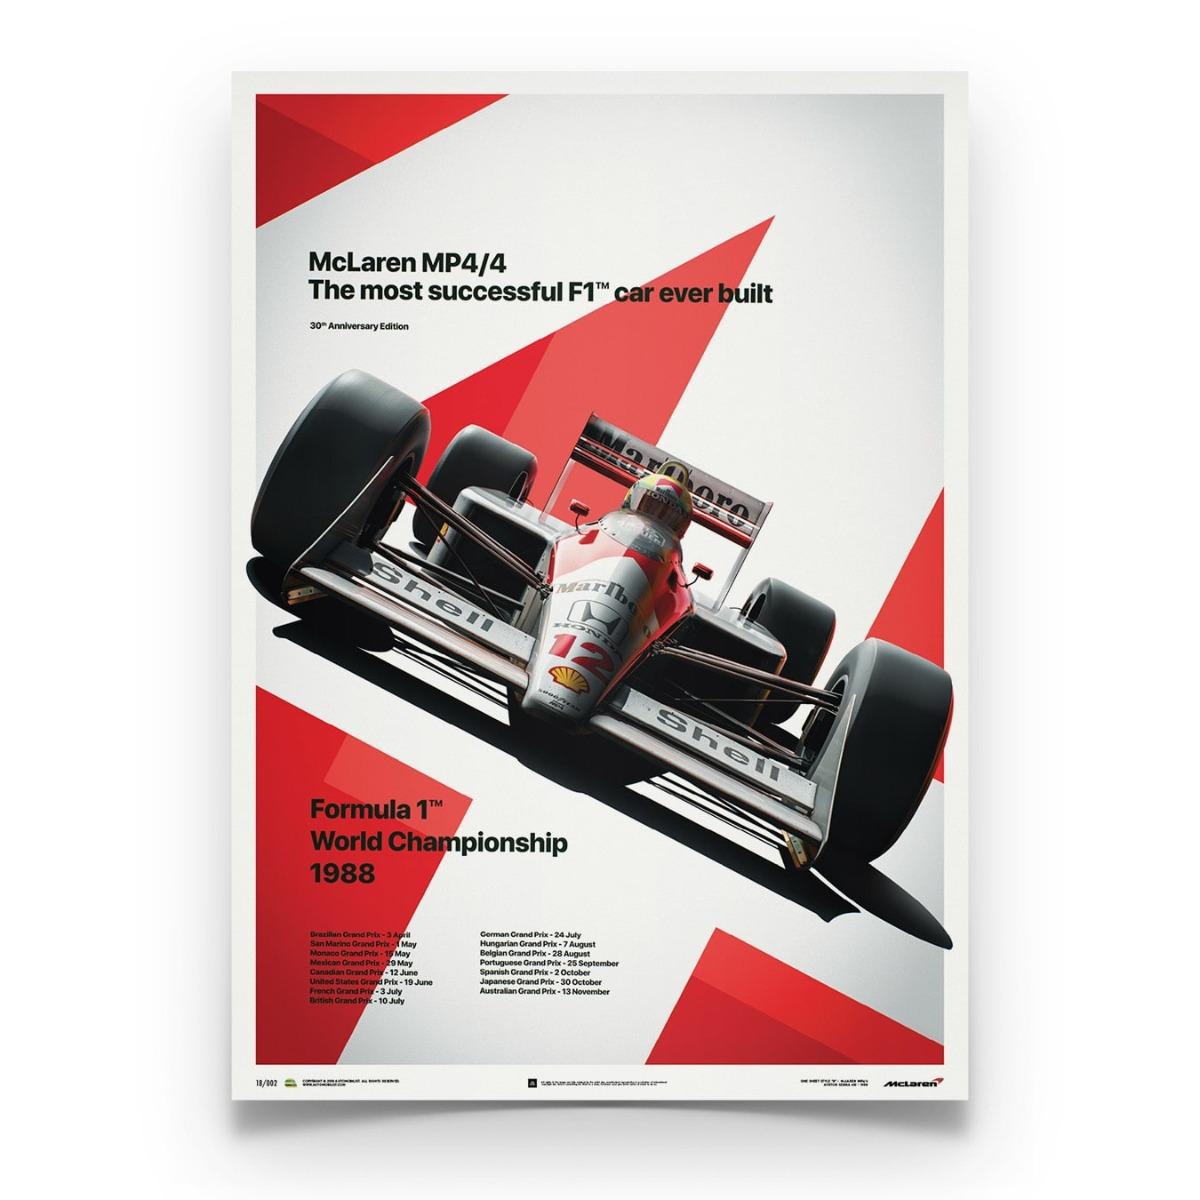 McLaren MP4/4 - Ayrton Senna - MP4/4 - San Marino GP - 1988